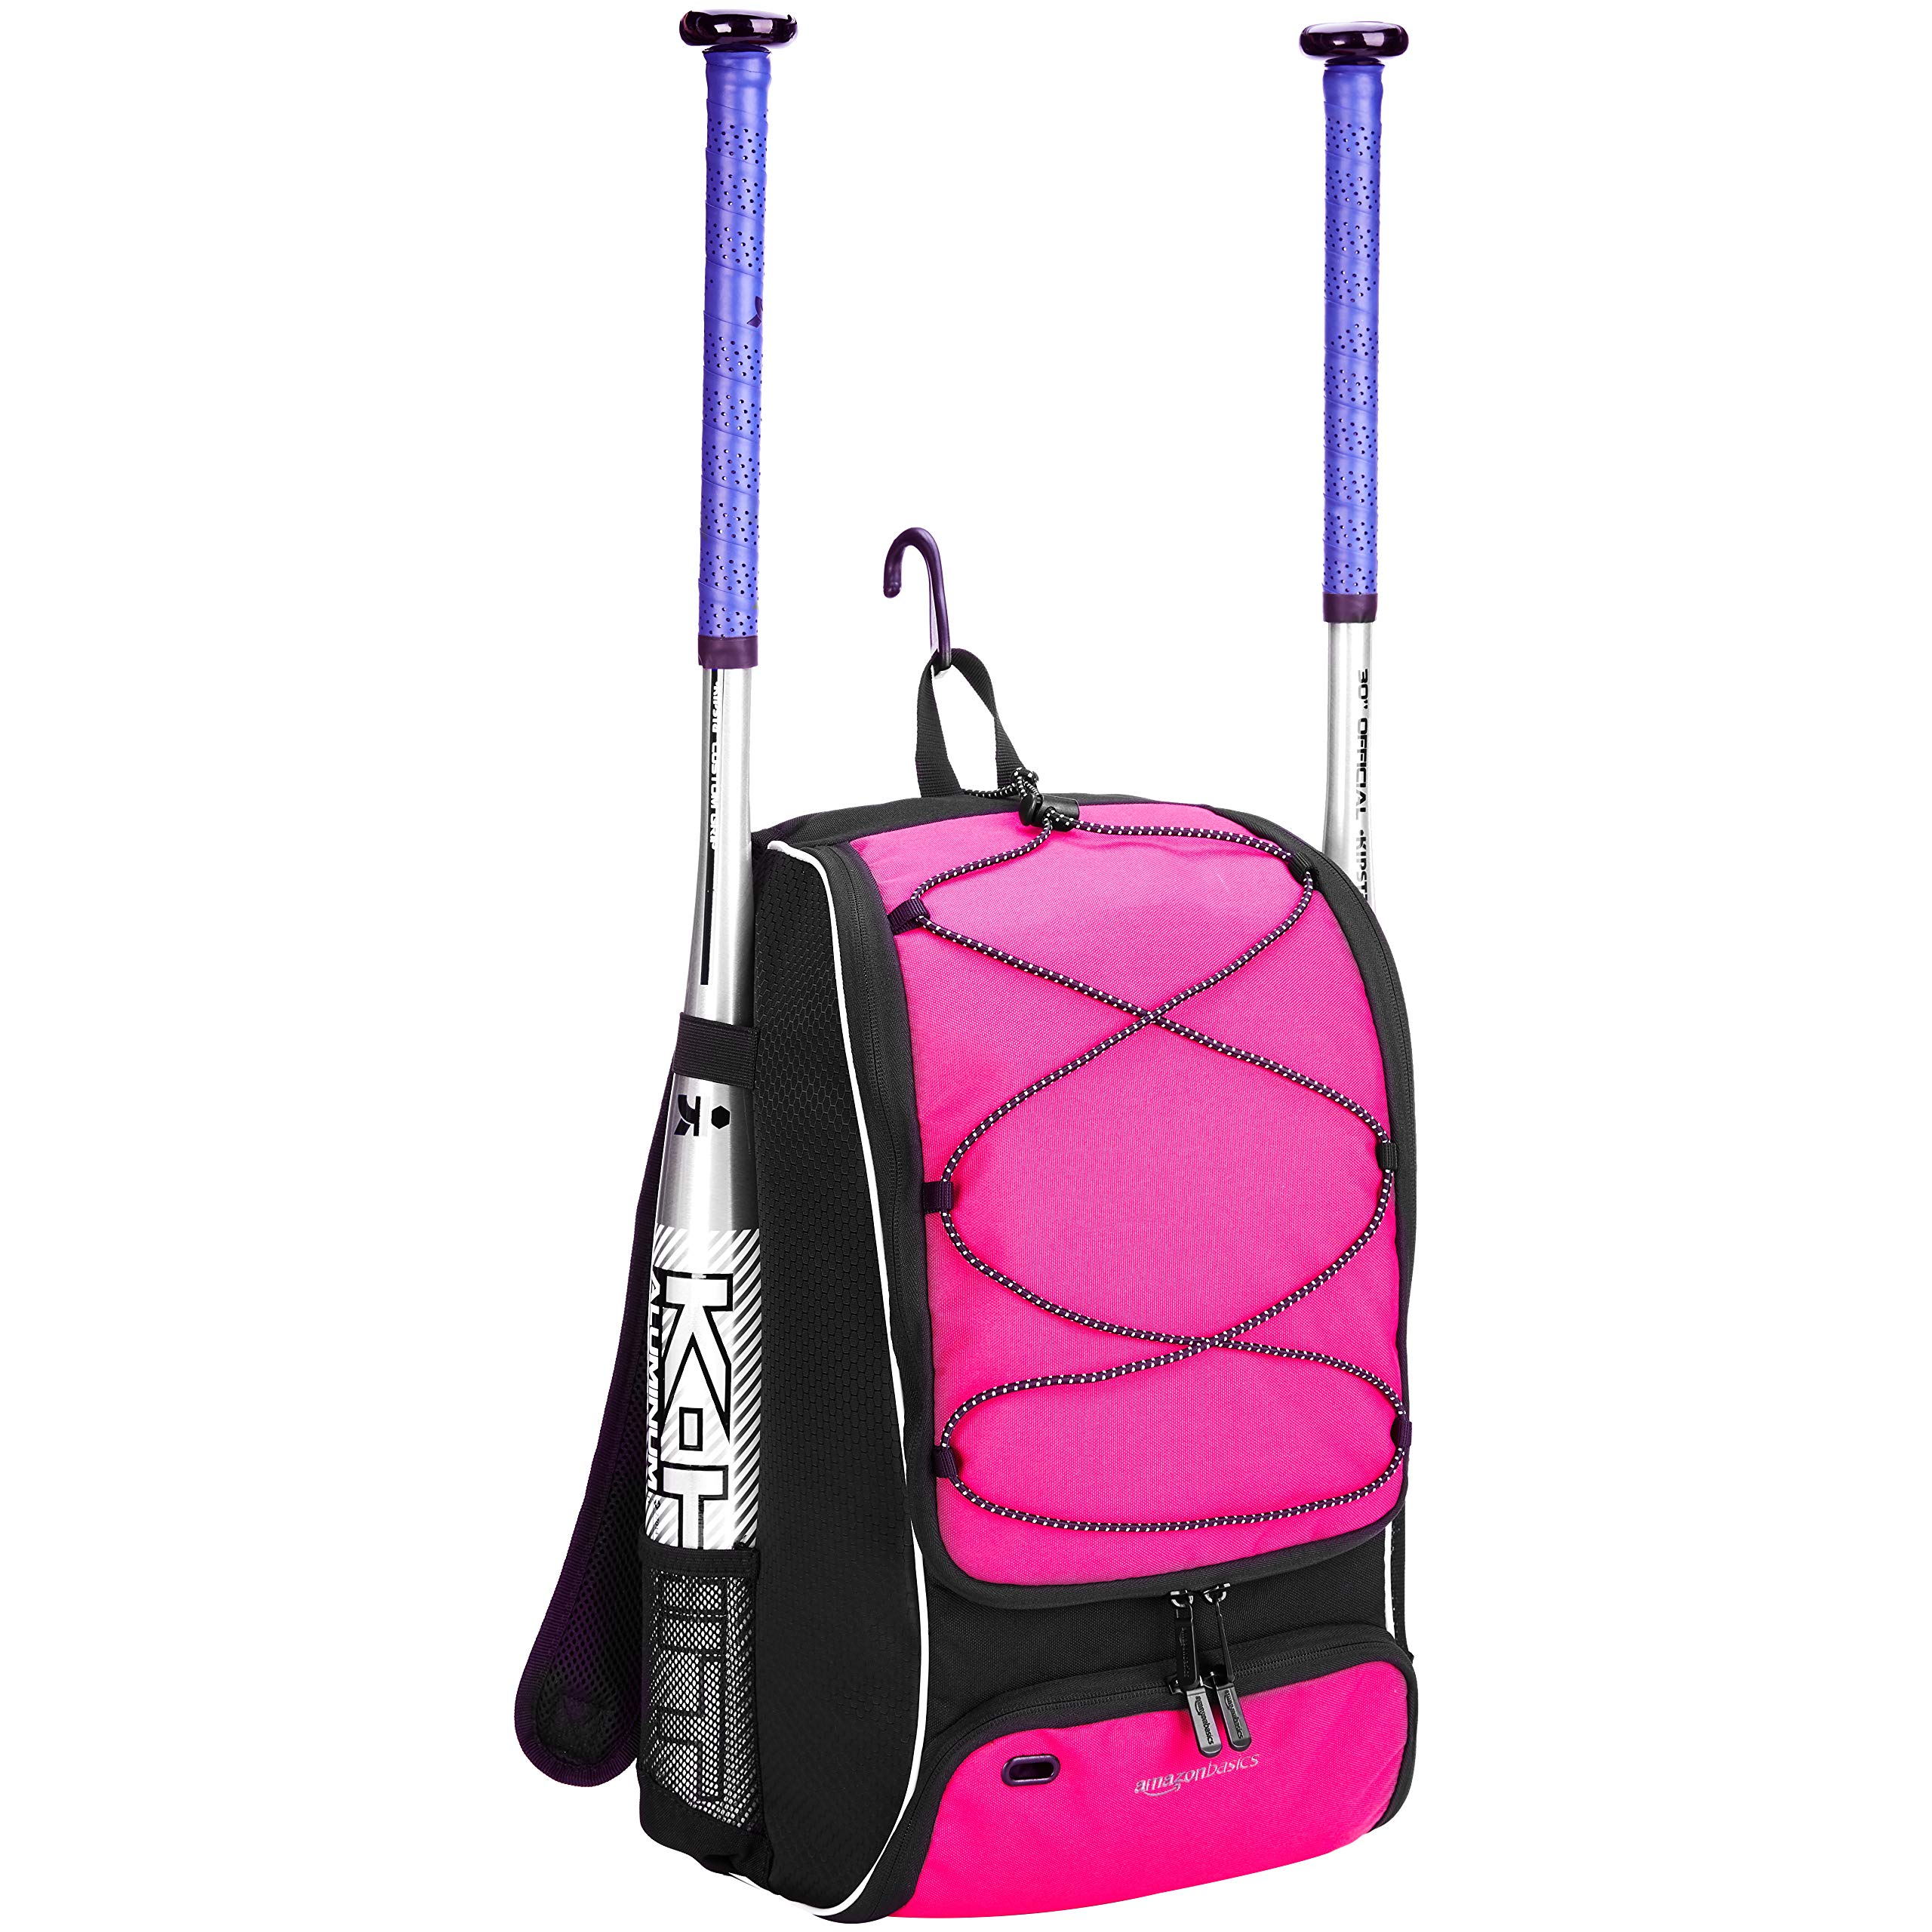 AmazonBasics Youth Baseball Equipment Backpack, Pink by AmazonBasics (Image #2)